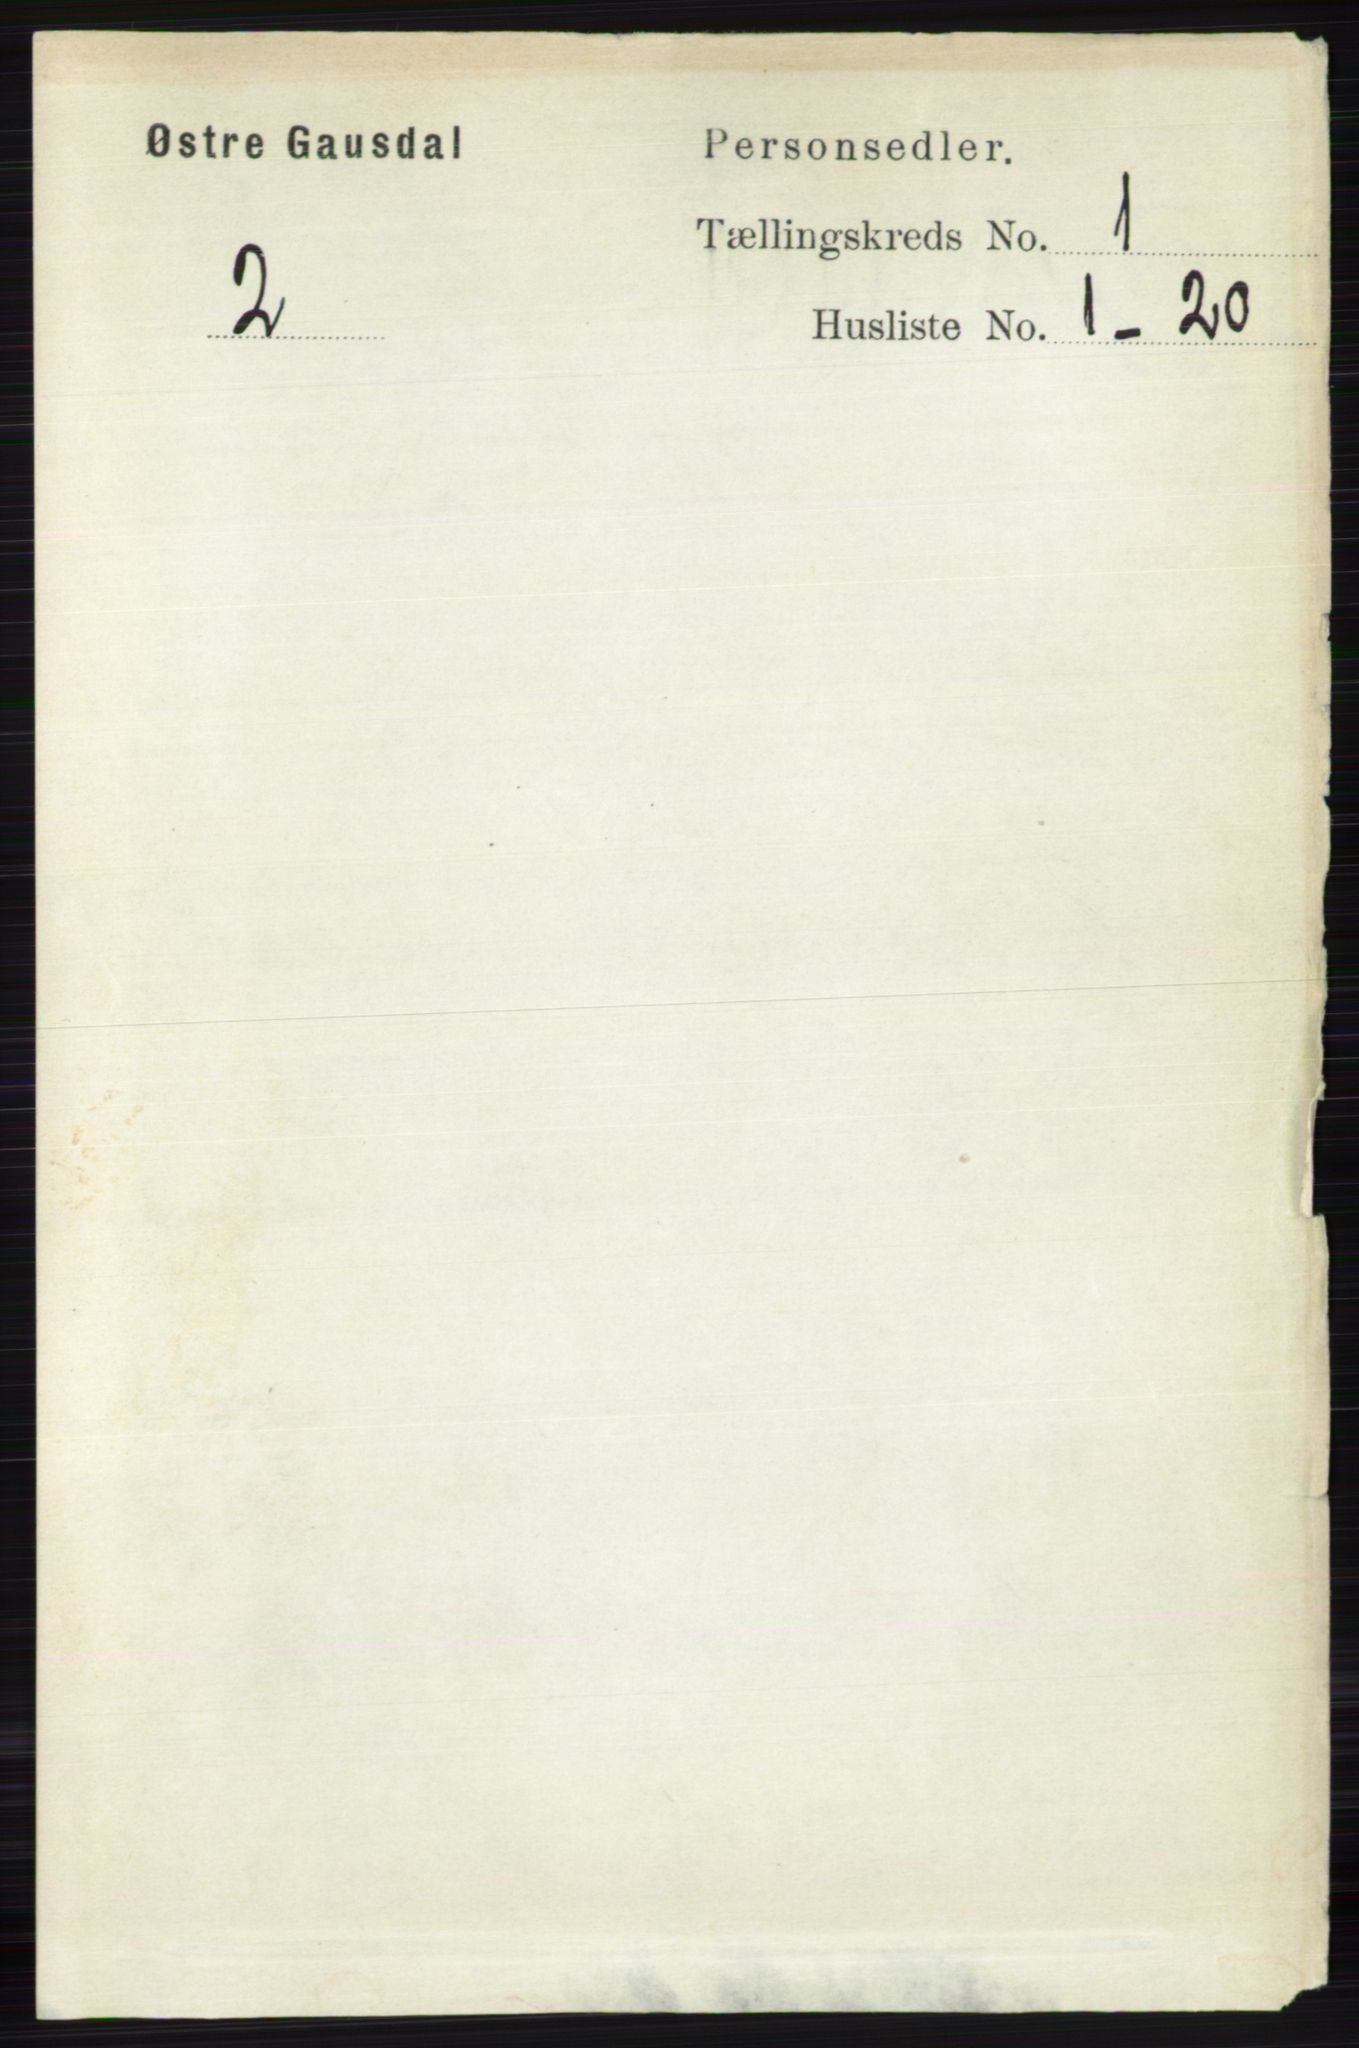 RA, Folketelling 1891 for 0522 Østre Gausdal herred, 1891, s. 158